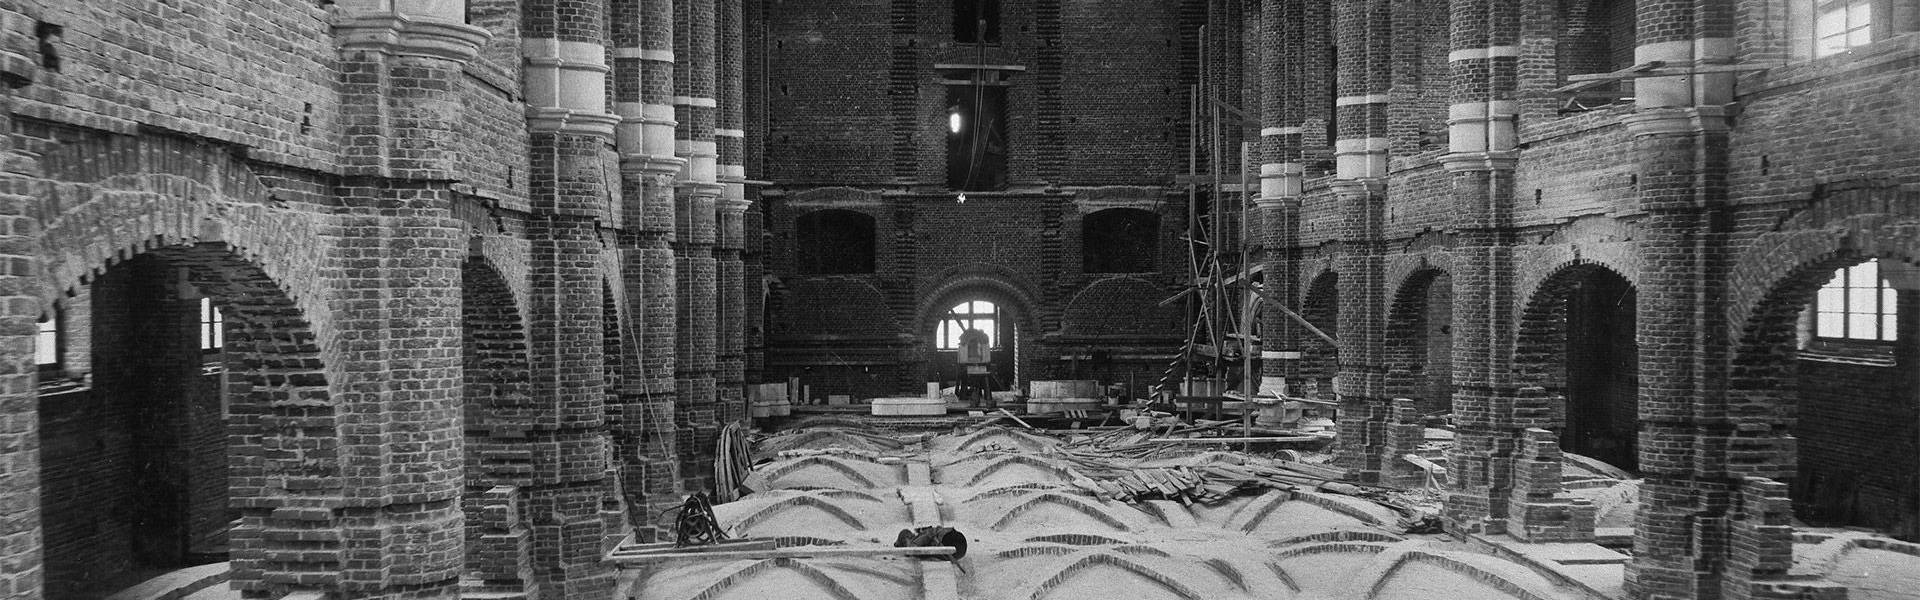 Interiör under uppbyggnad